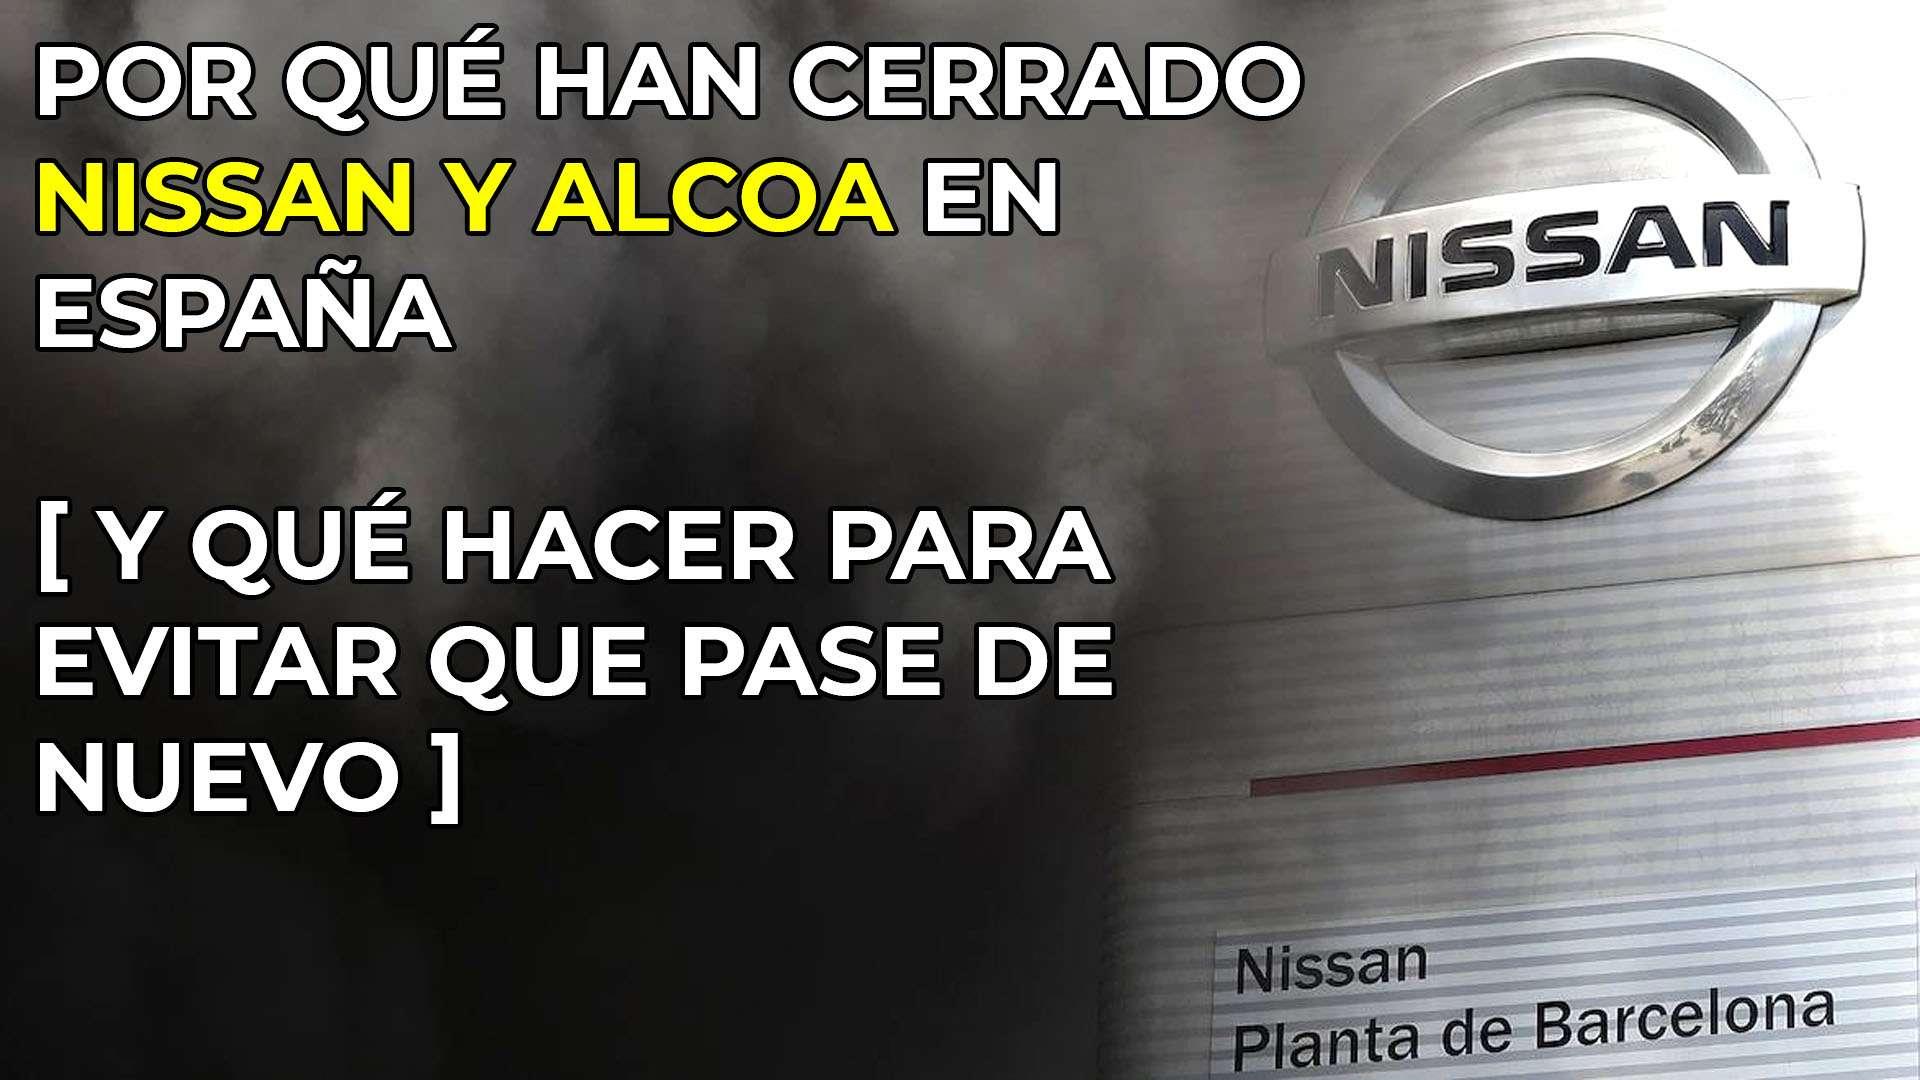 Por qué han cerrado Nissan y Alcoa en España